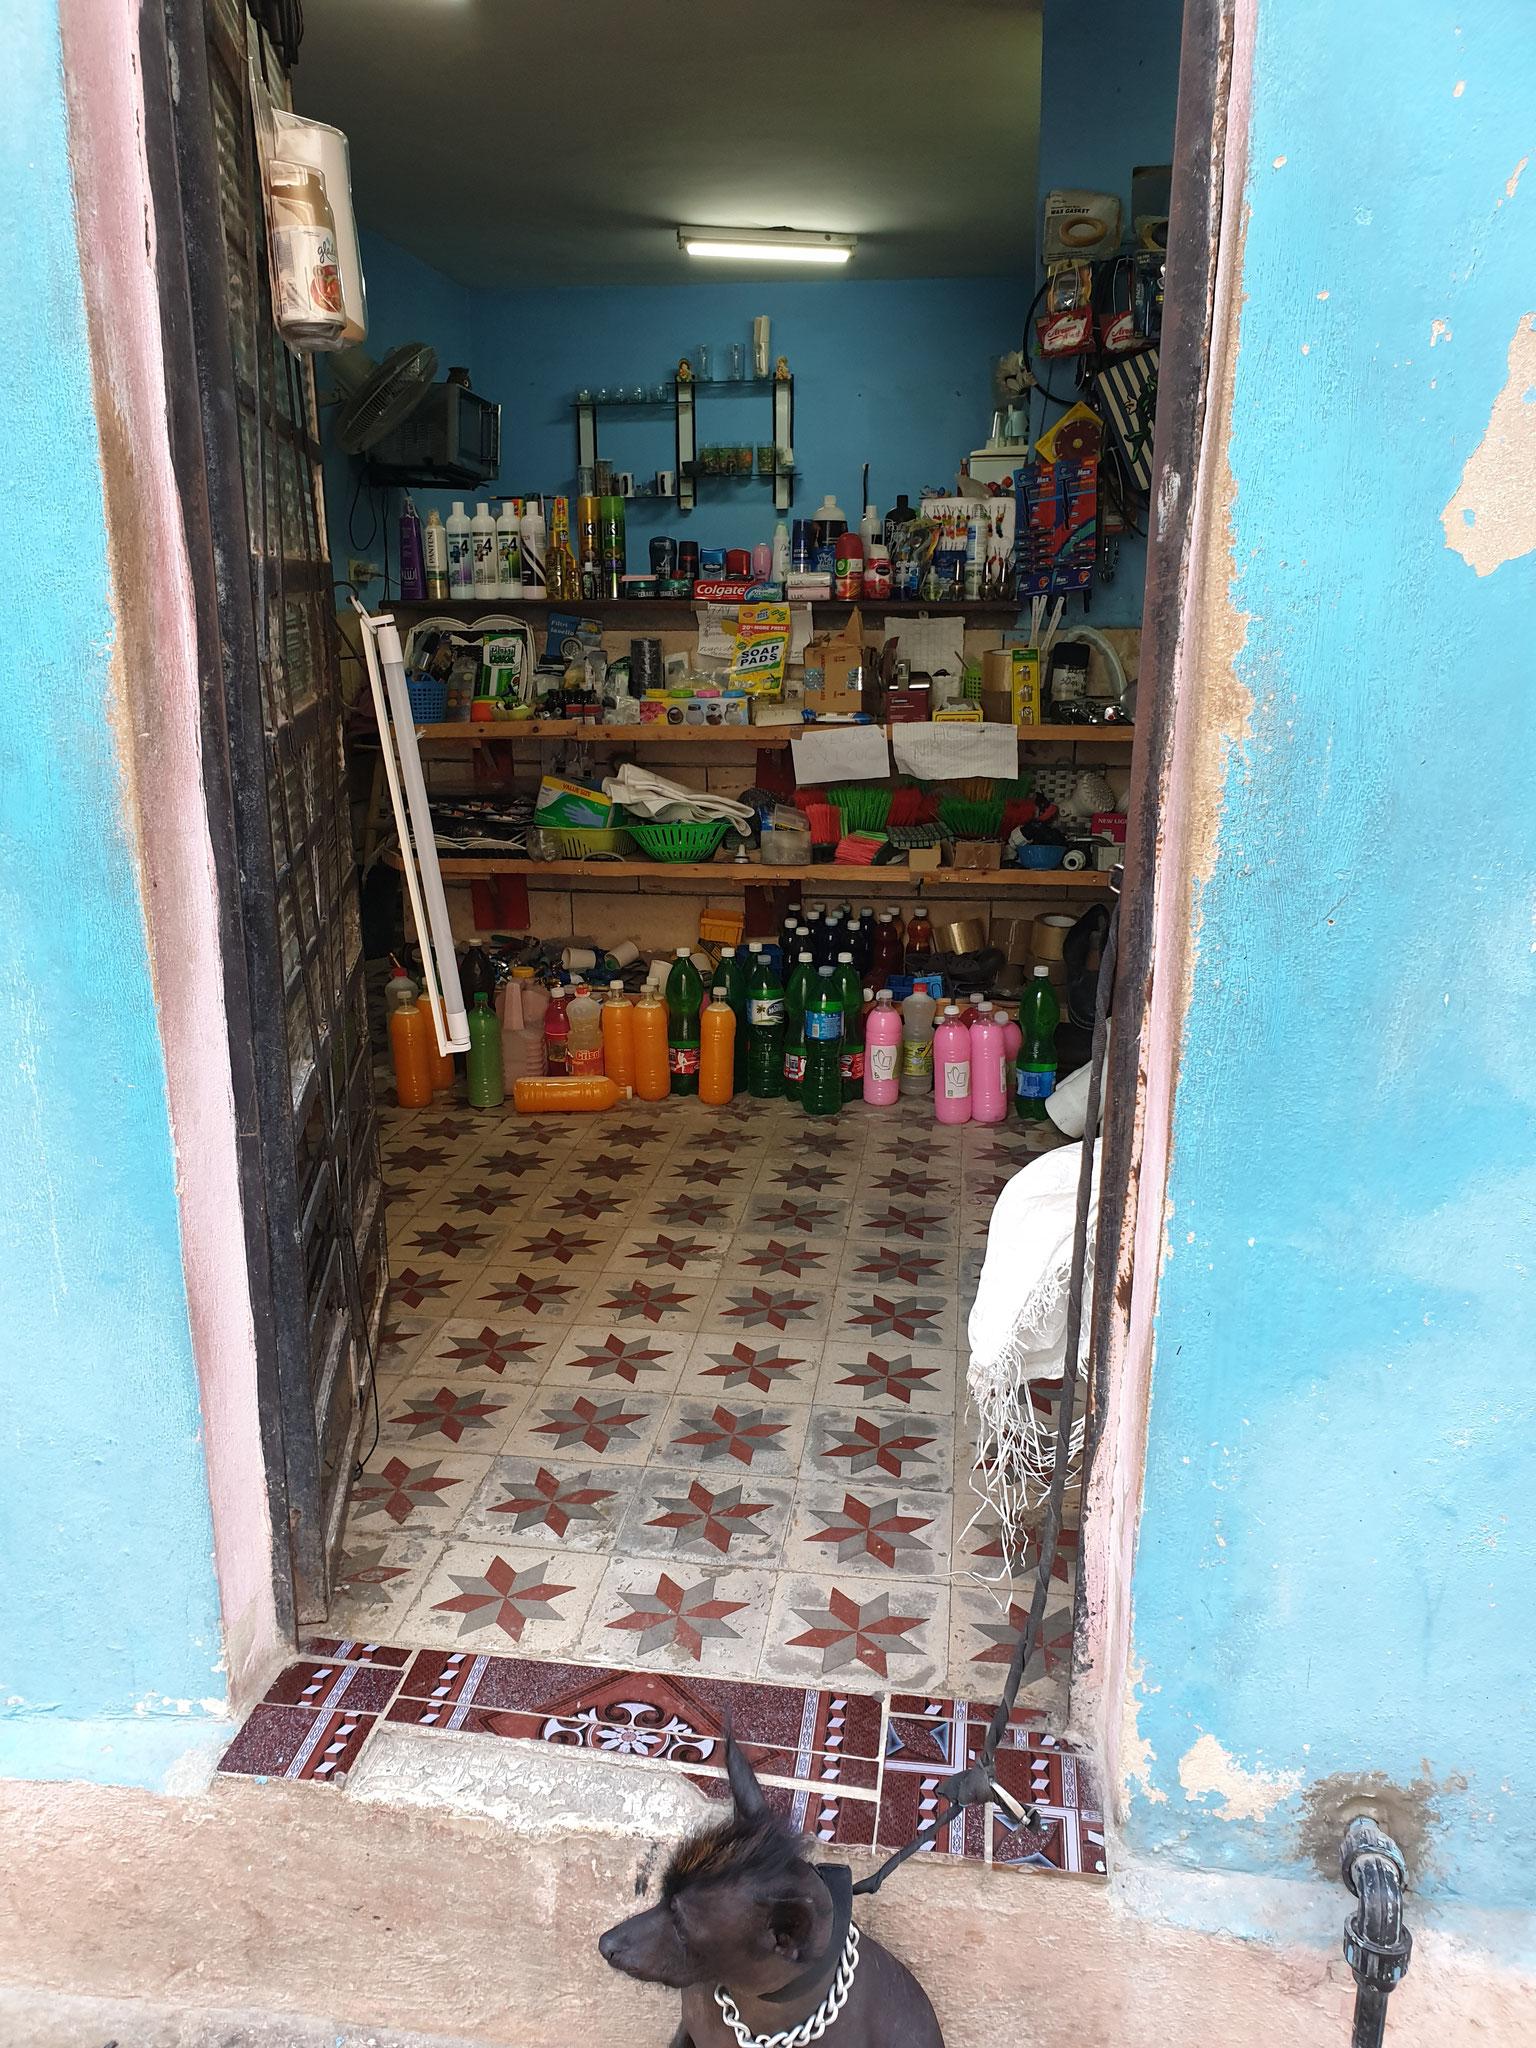 Drogerie in Havanna bewacht von einem Hund mit Irokese